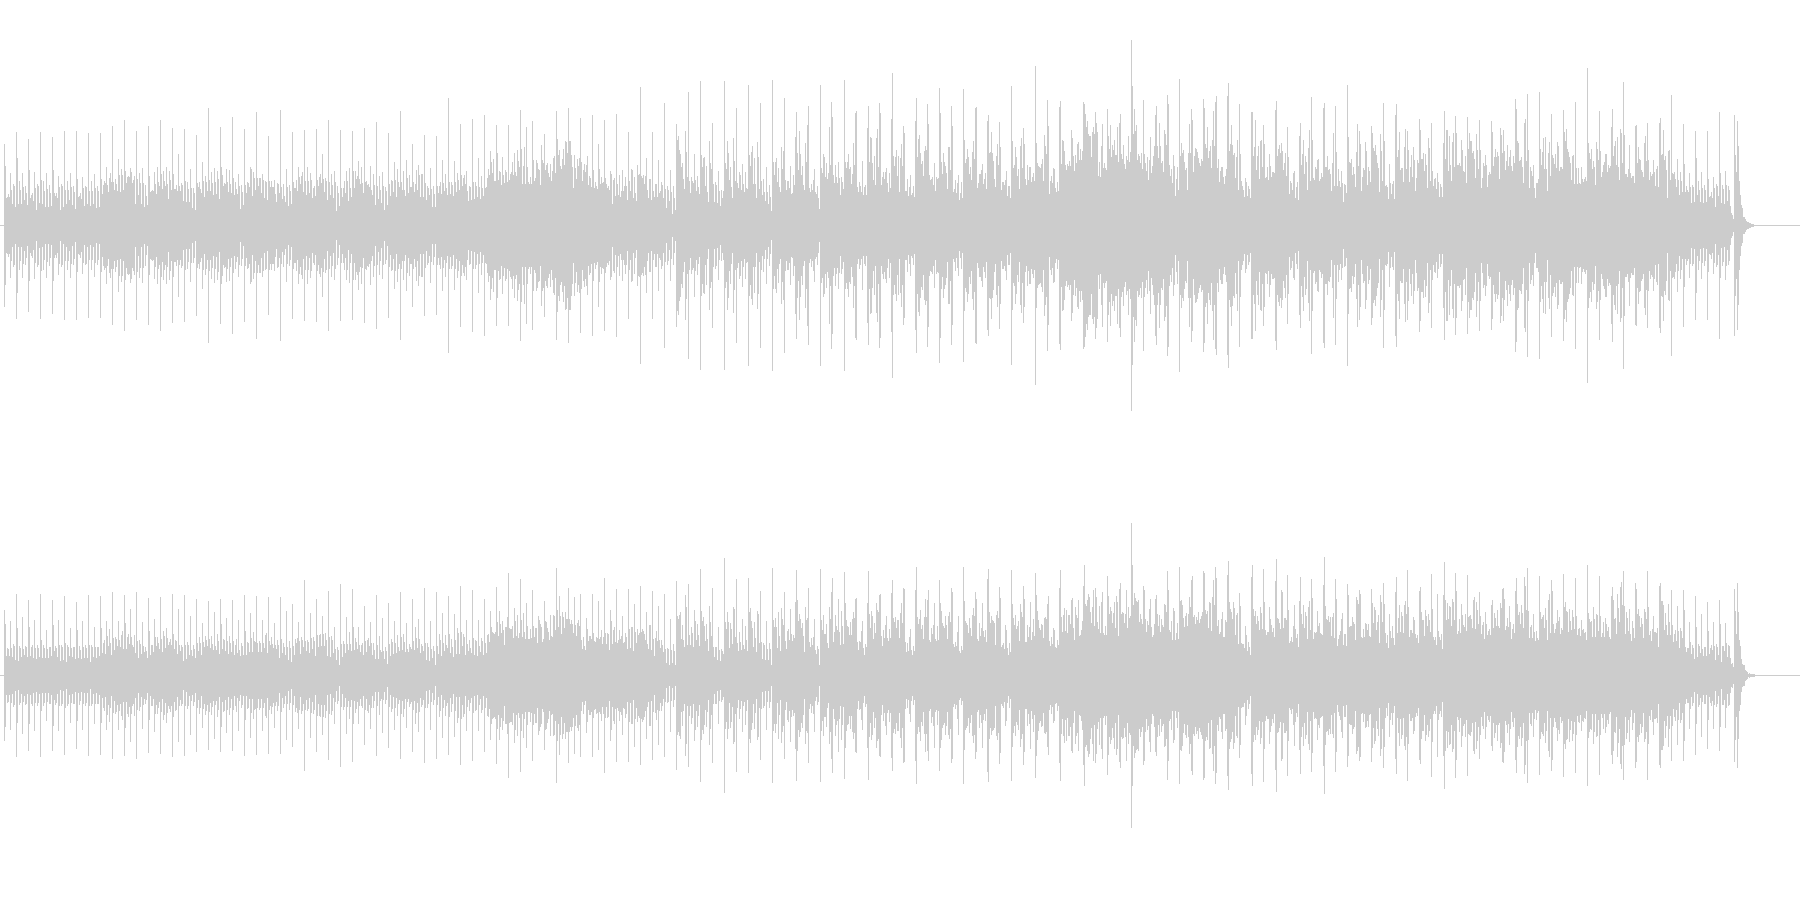 テクノ/ニューエイジ風ポップスの未再生の波形